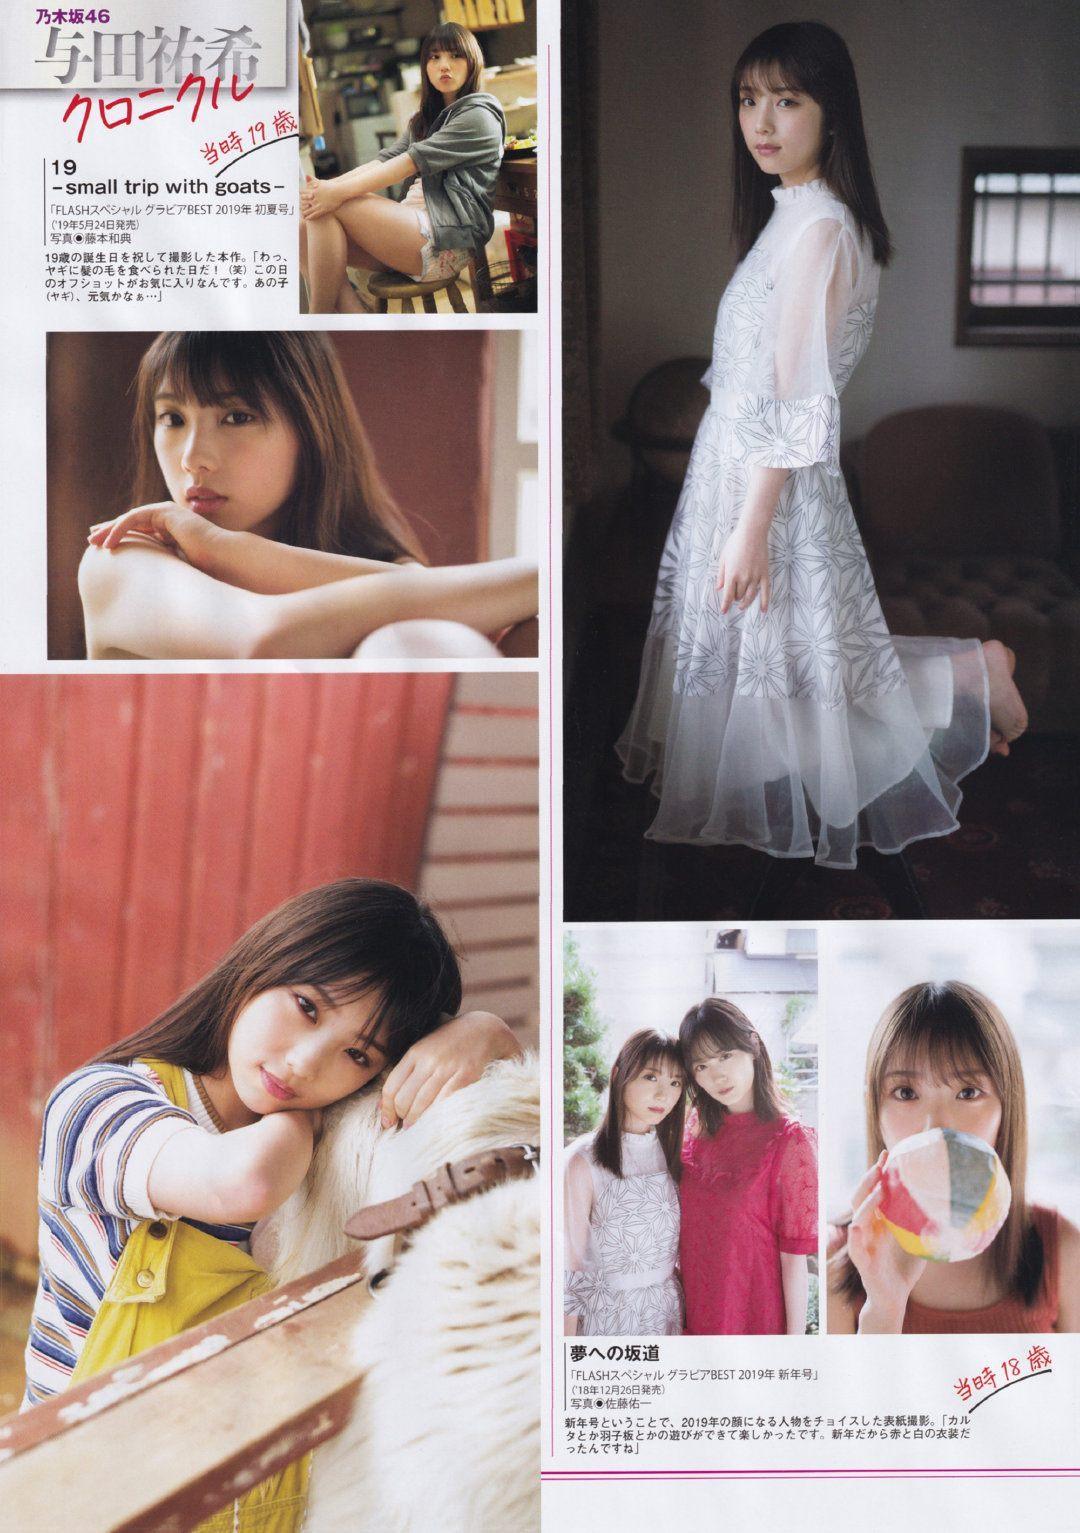 与田佑希清新脱俗美到让人深陷恋爱 养眼图片 第13张